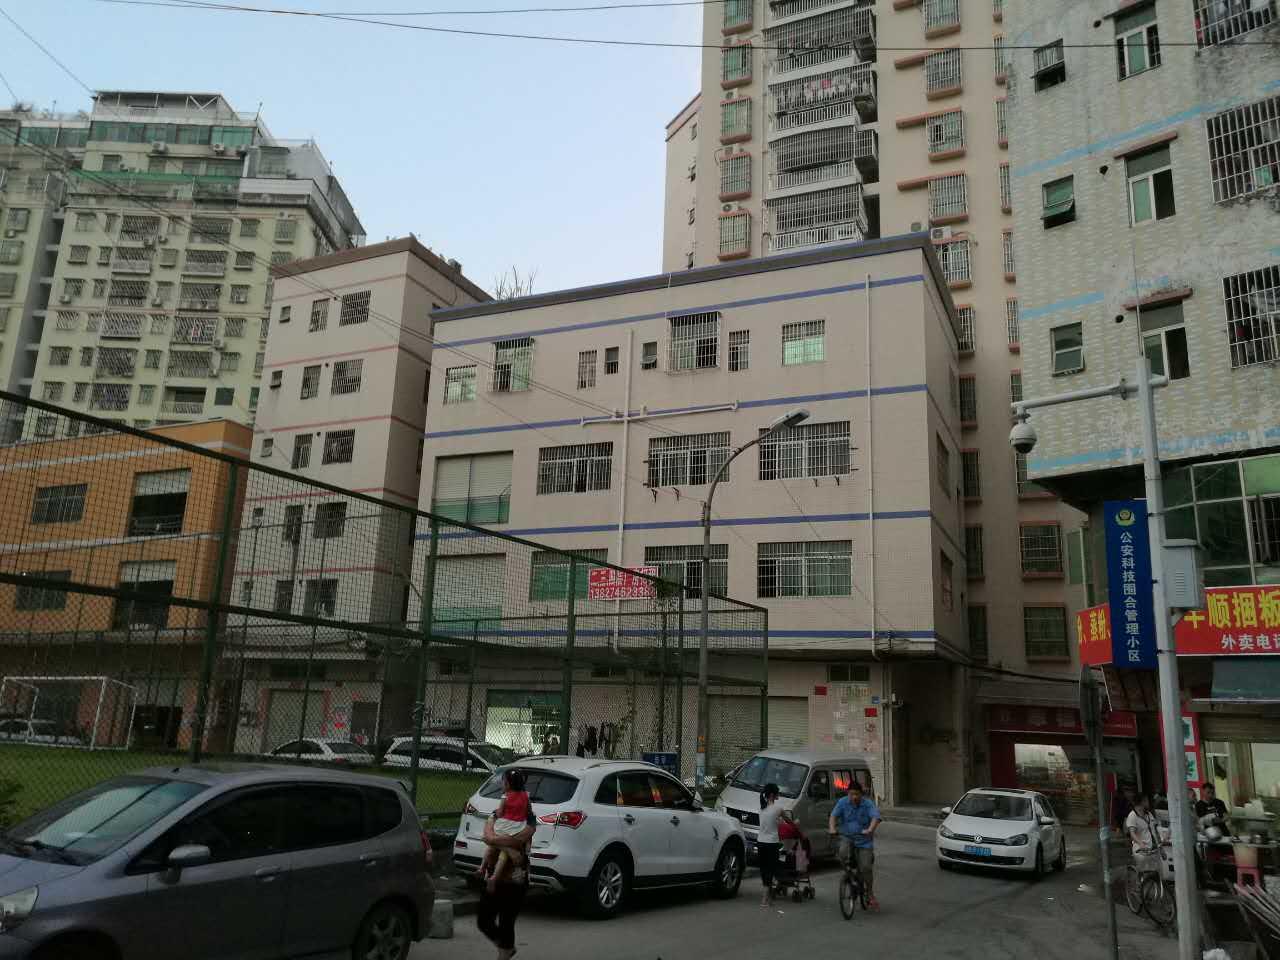 深圳厂房四层占地400㎡出租每月3万,公明塘尾公园附近距松柏路500米 租赁 第7张